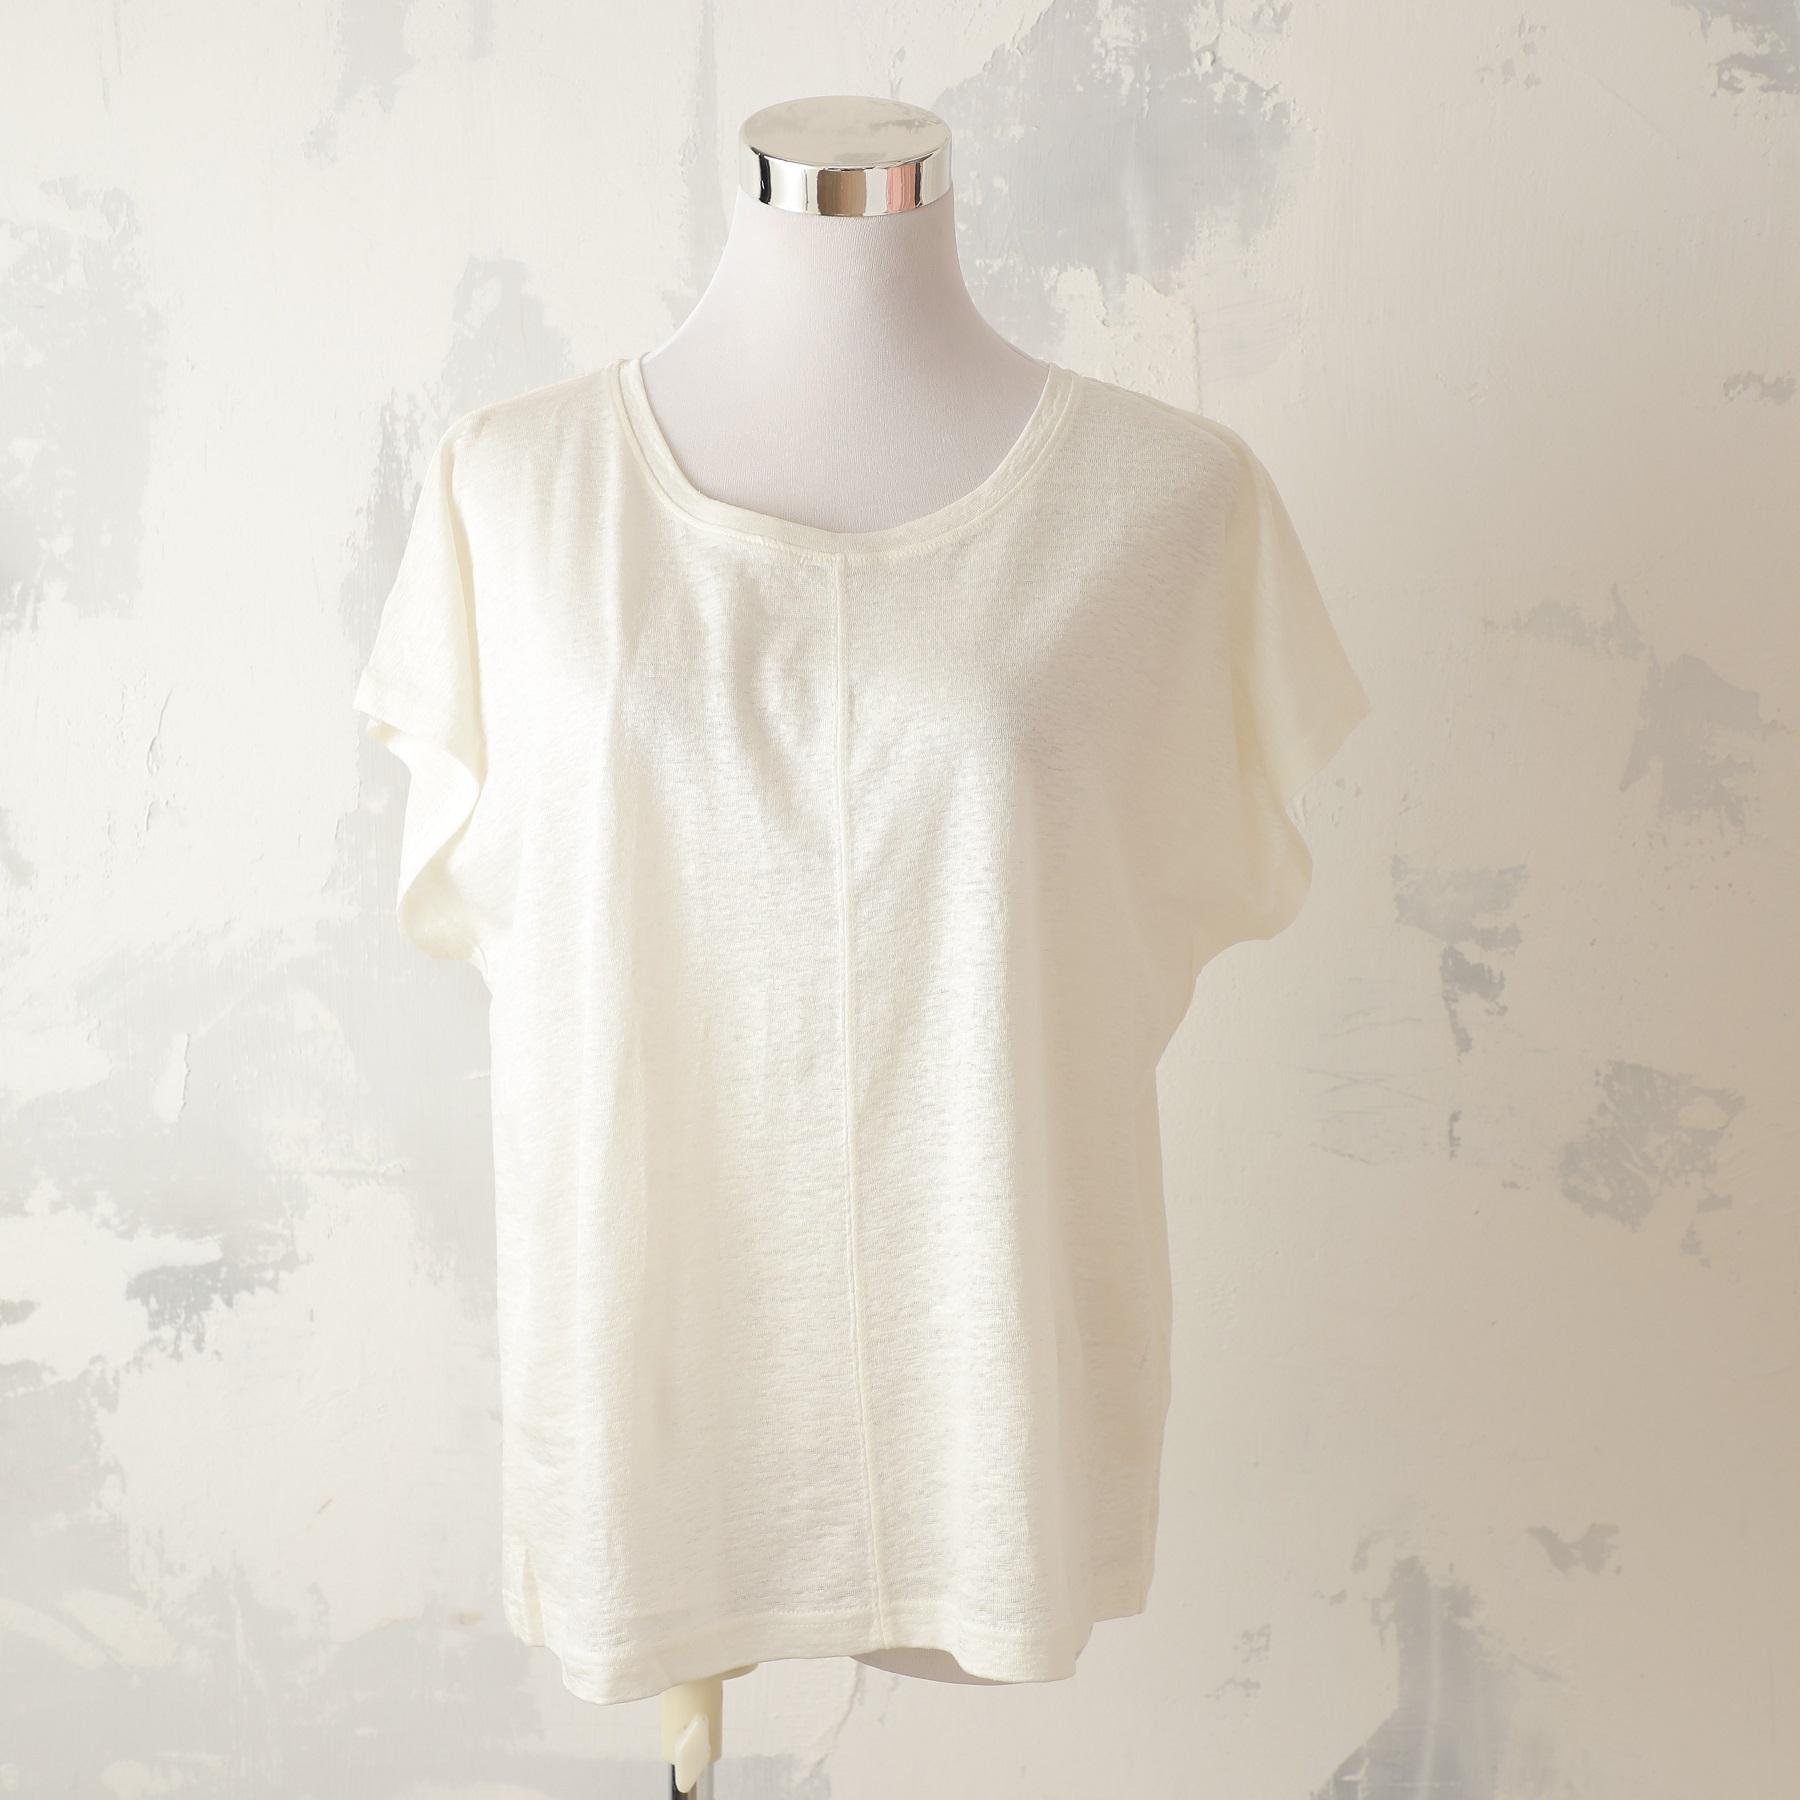 【半額★Mサイズのみ】リネン100% フレンチTシャツ